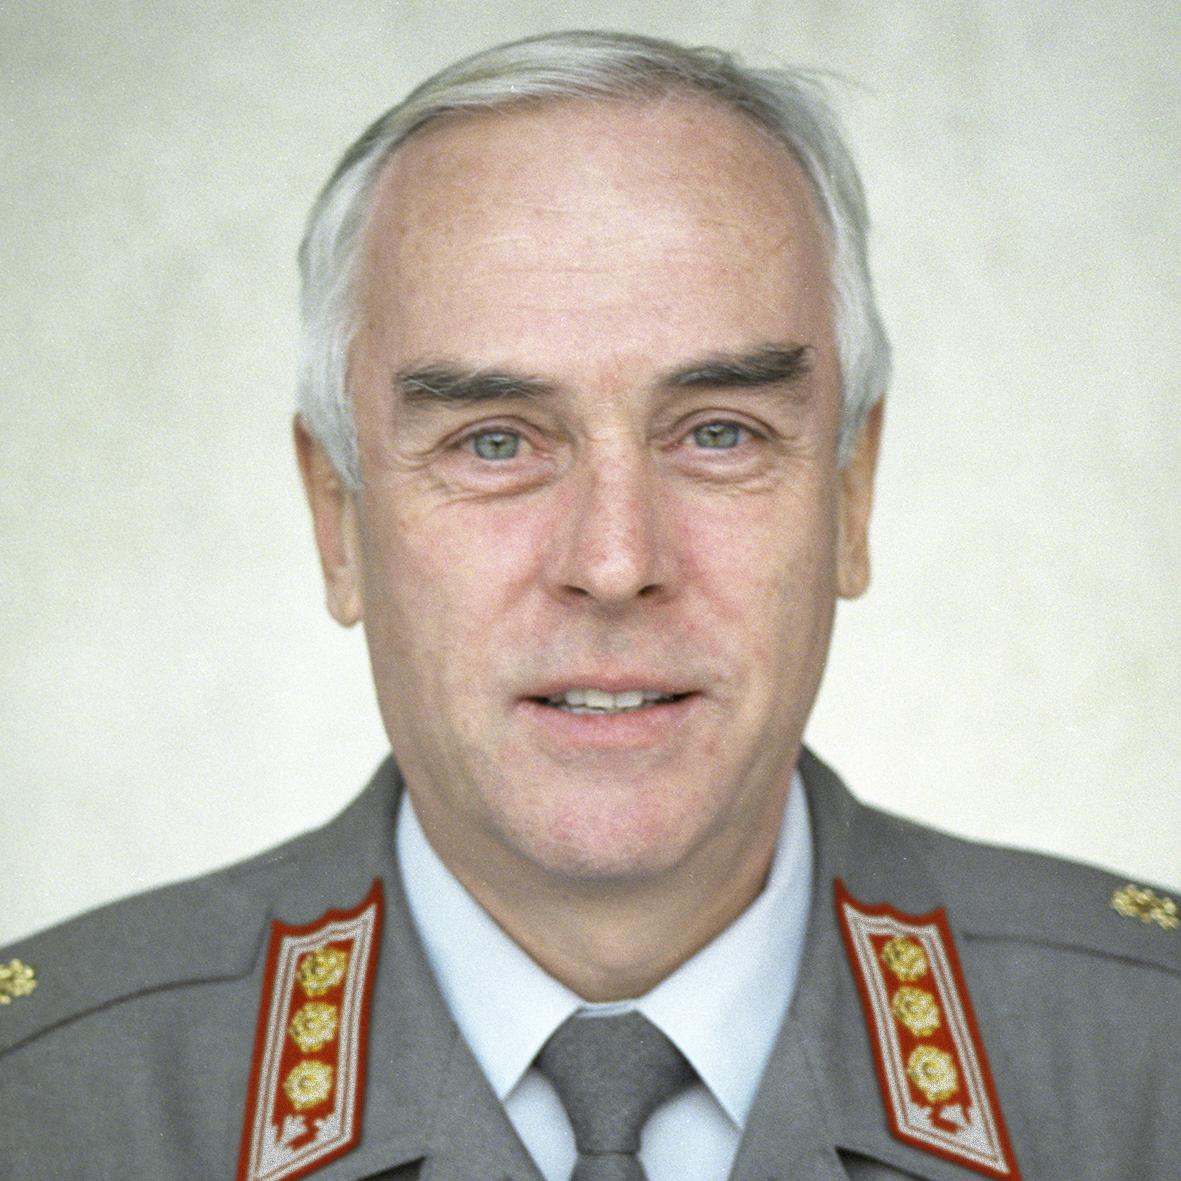 Sami Sihvo